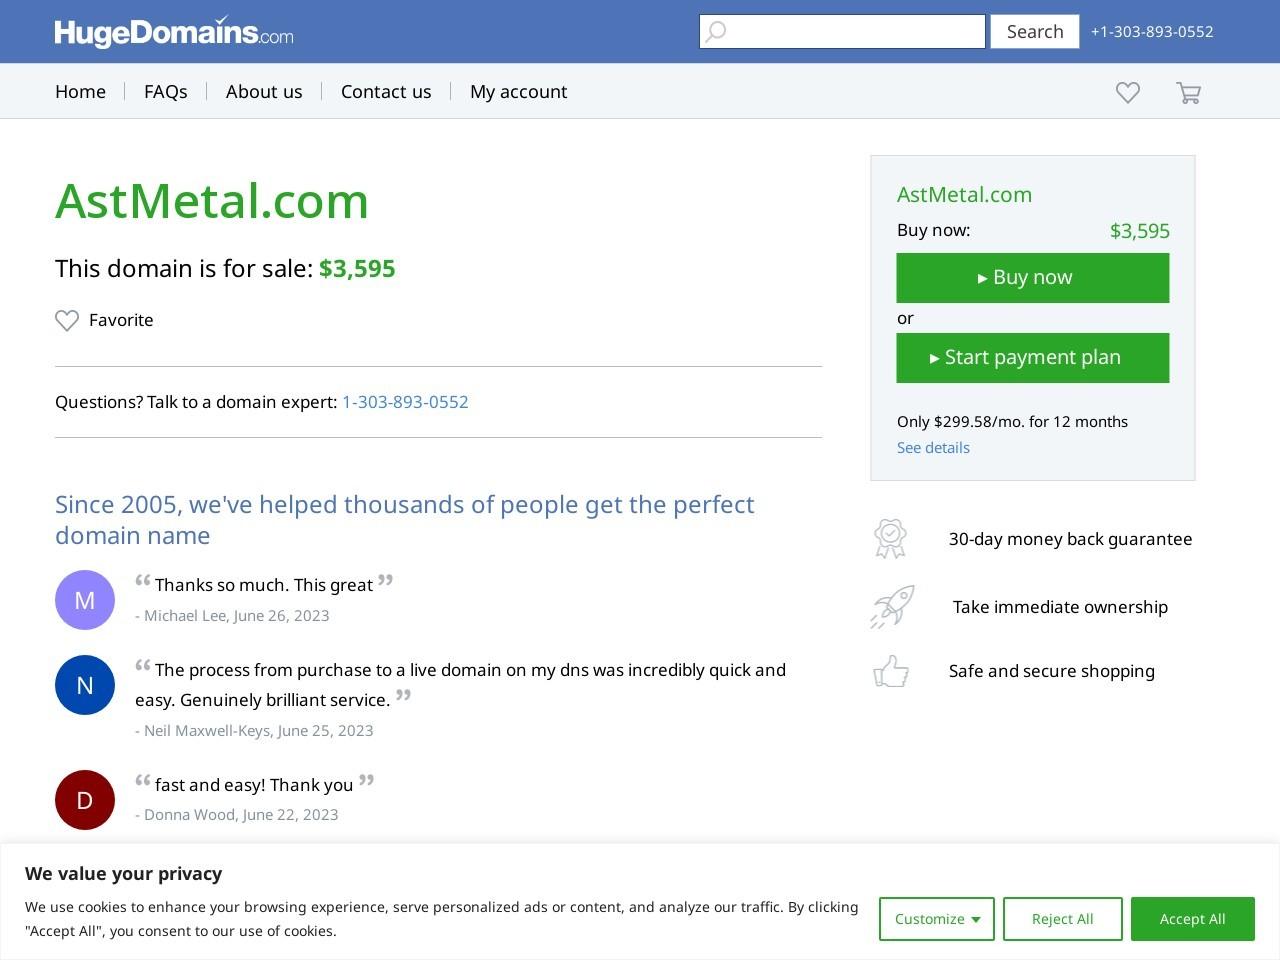 astmetal.com